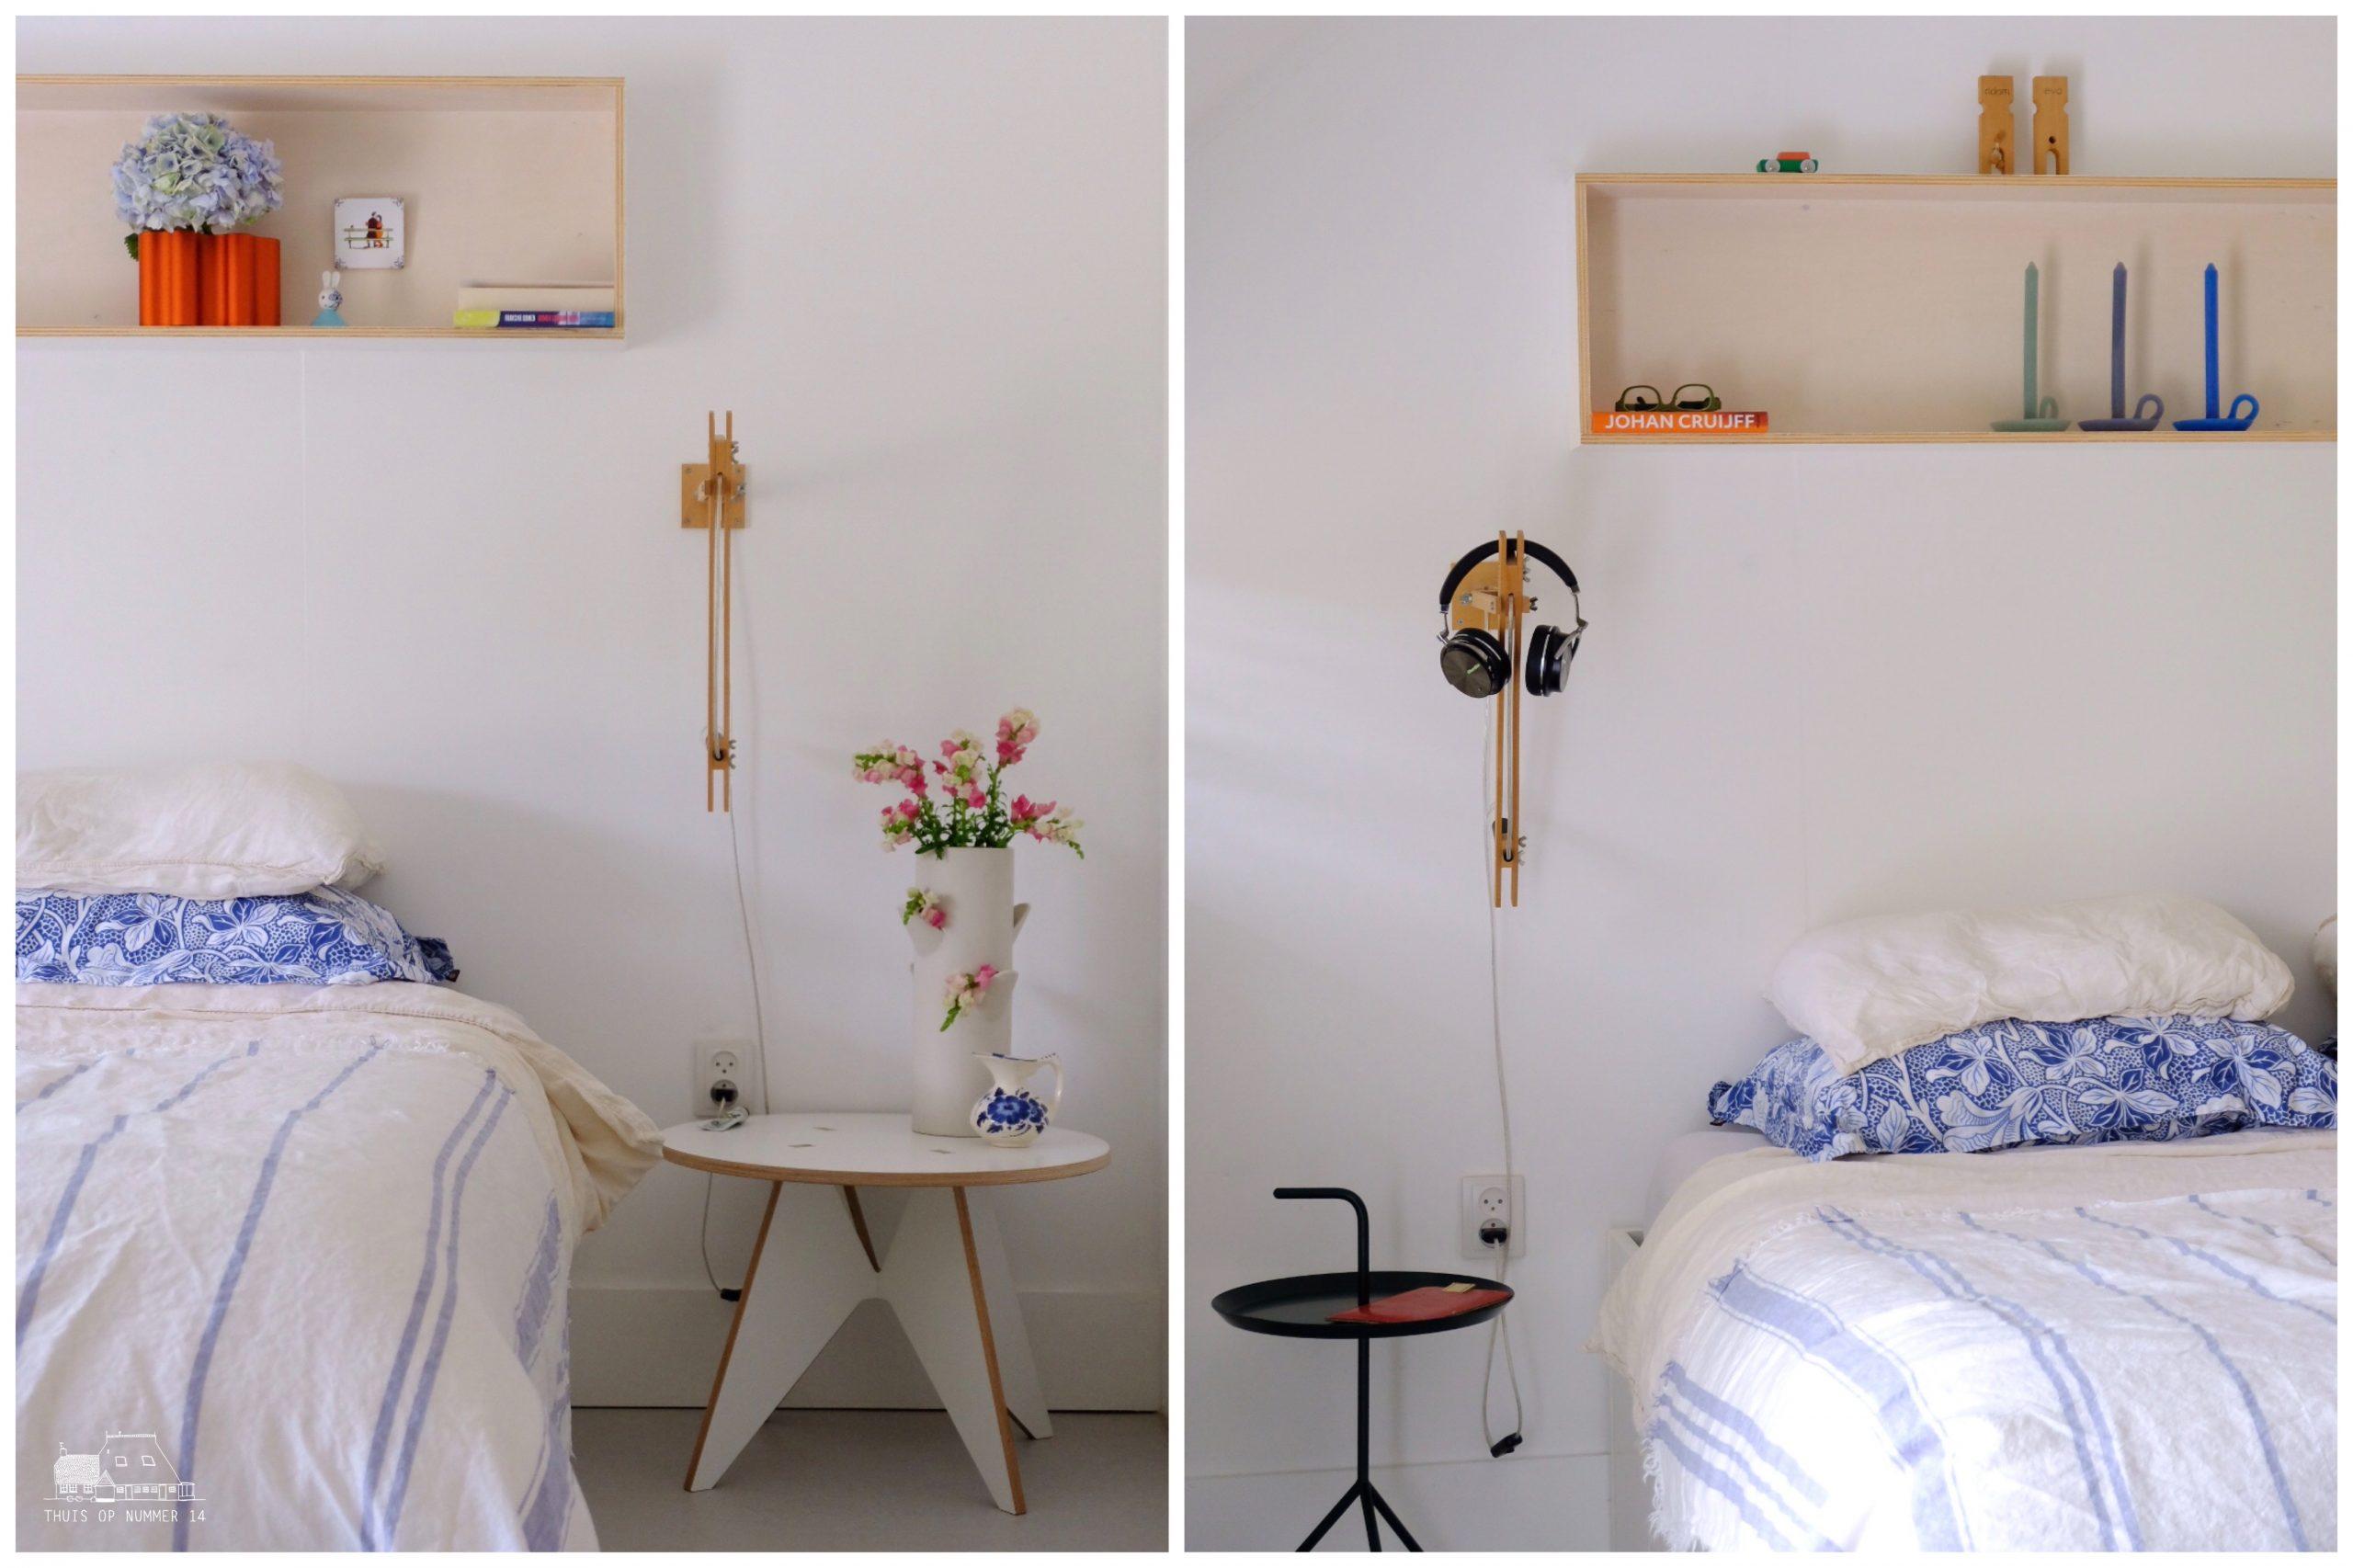 Onze slaapkamer mét fijne inloopkast.